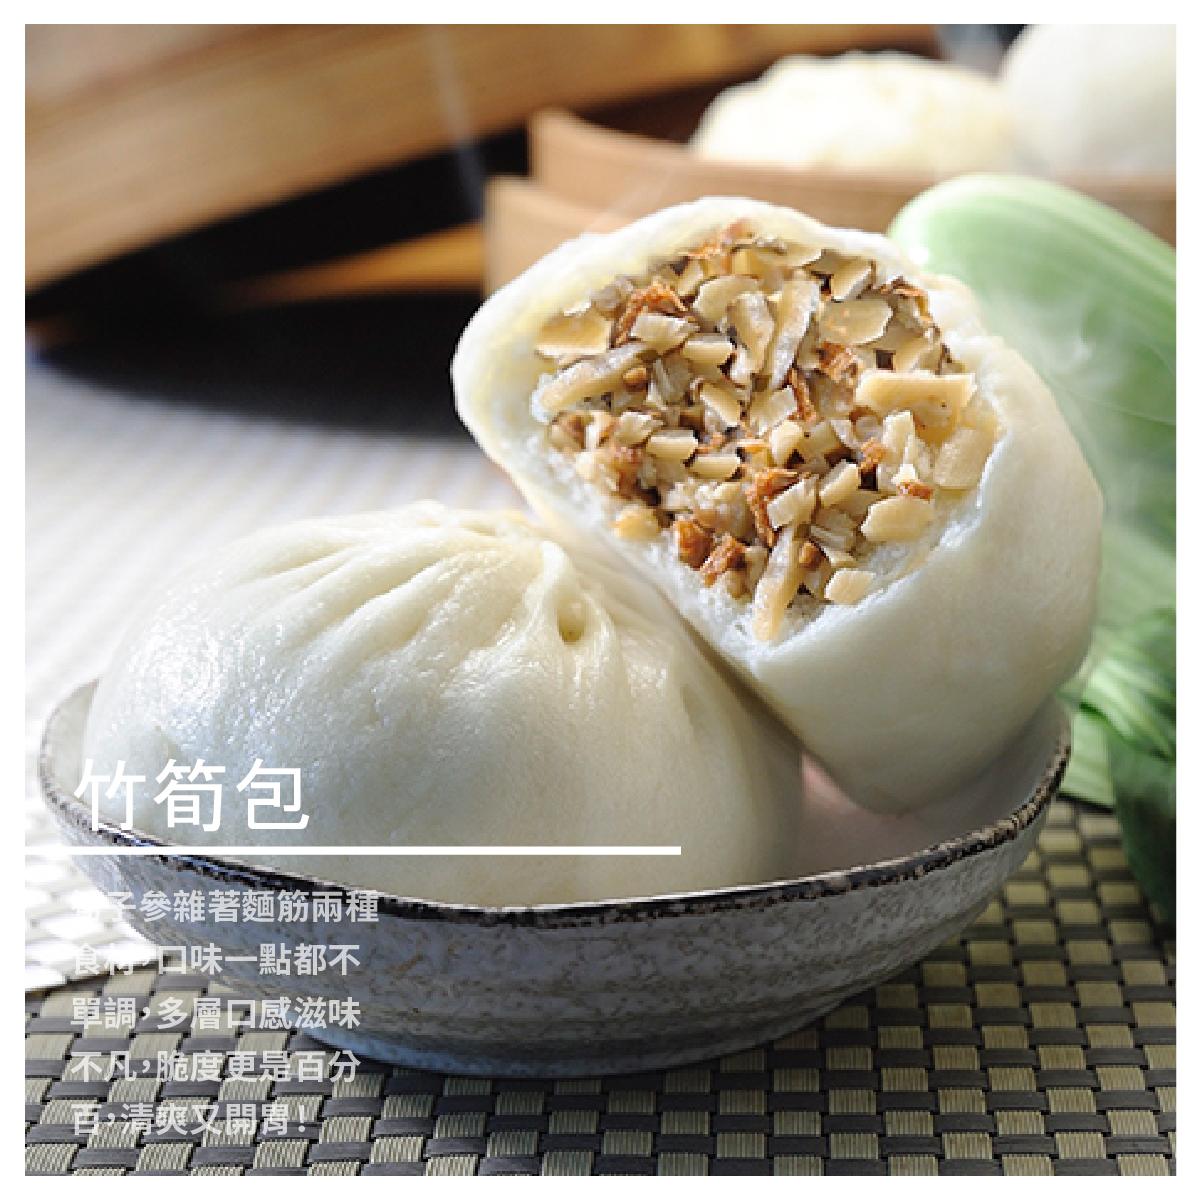 【雪裏紅素食點心】竹筍包/5顆入